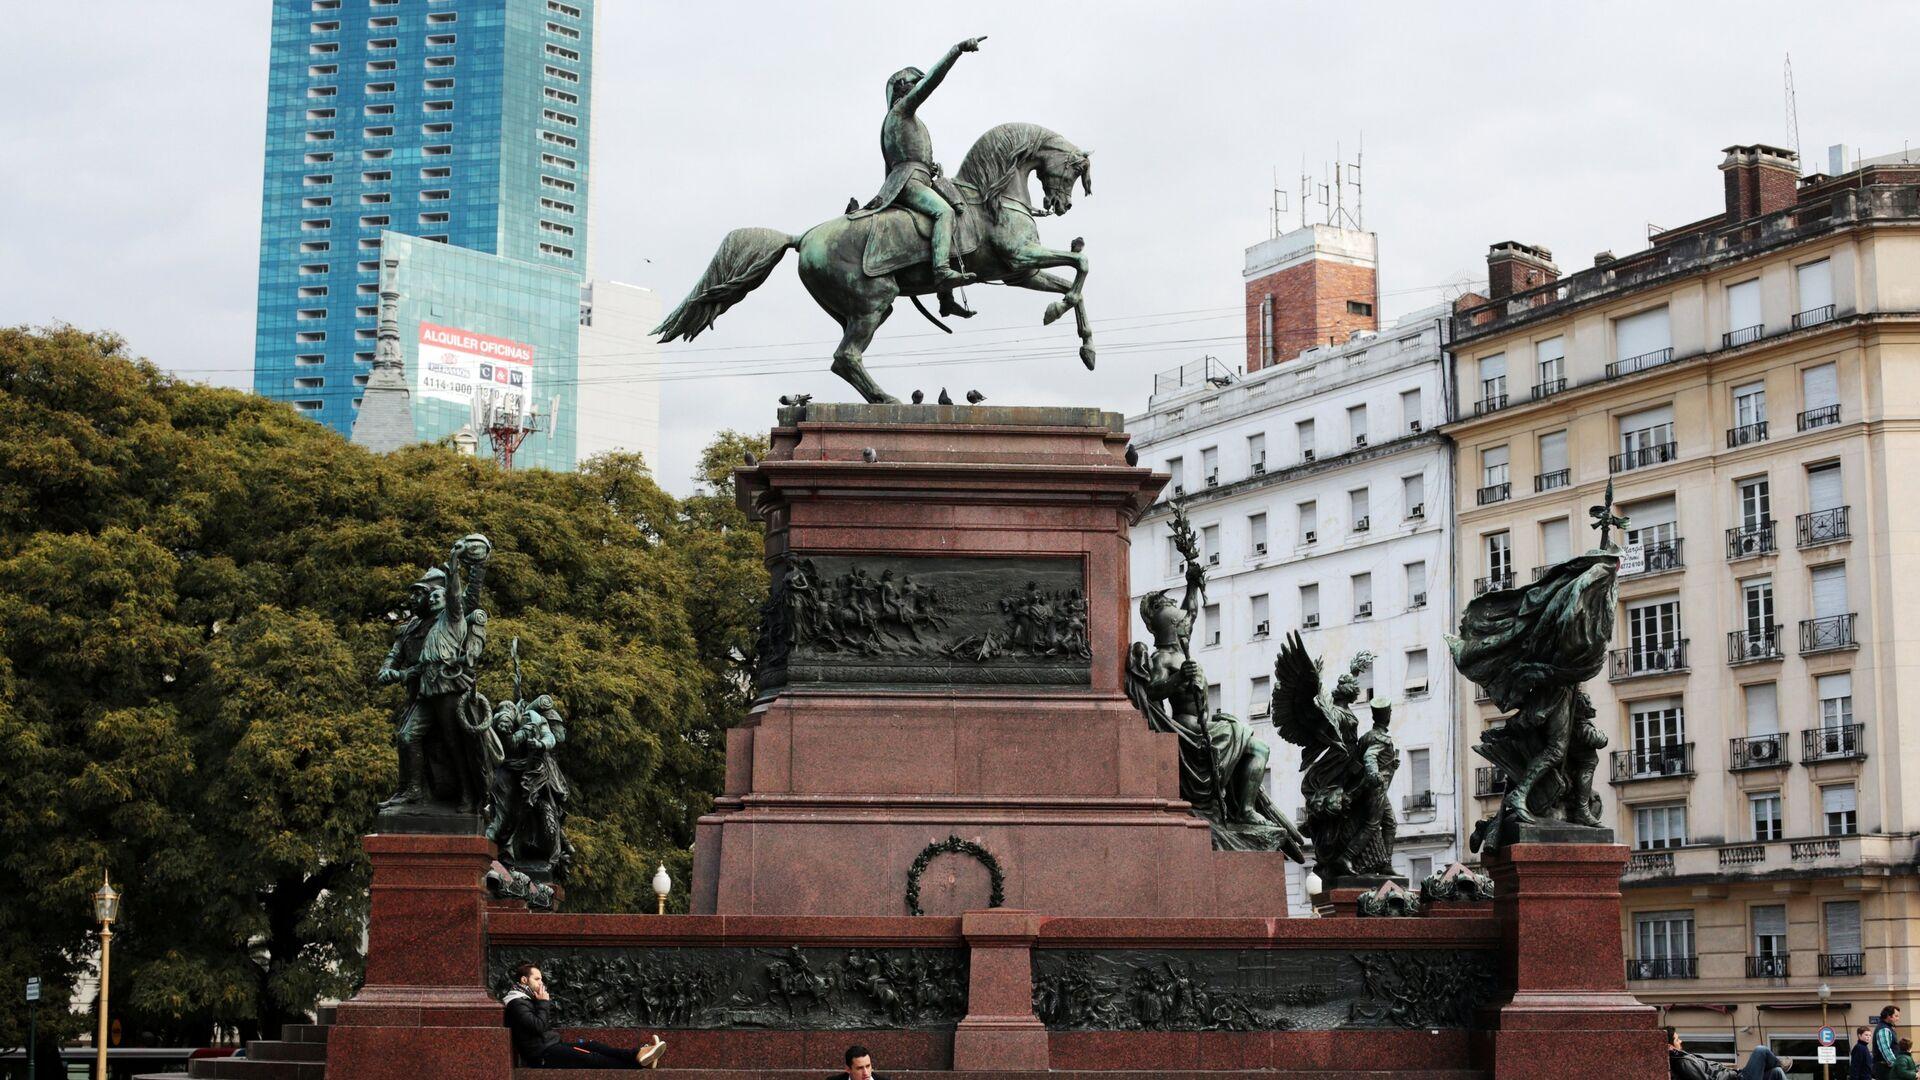 Buenos Aires, la capital de Argentina - Sputnik Mundo, 1920, 27.05.2021